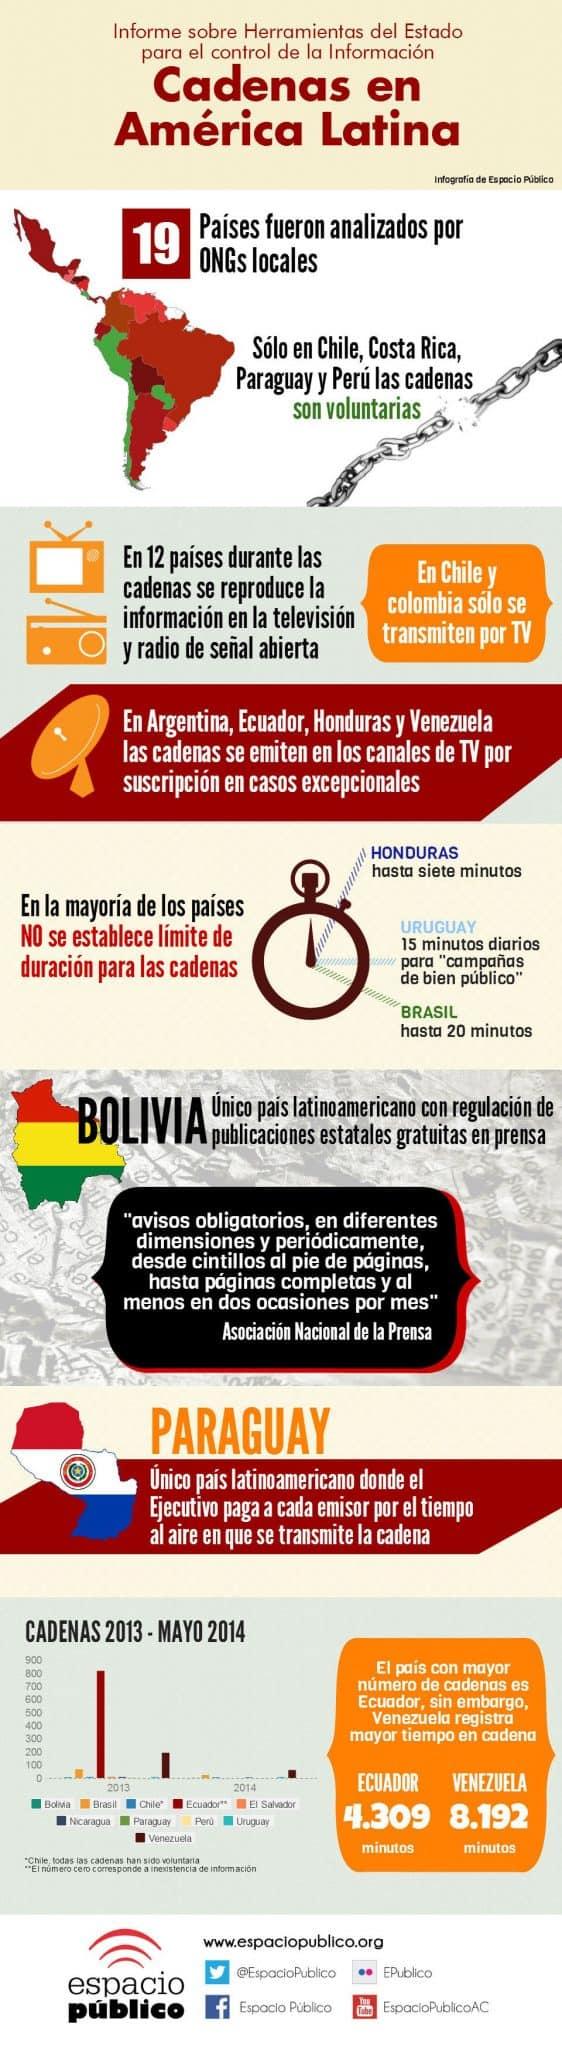 Cadenas_en_Amrica_Latina_Alta